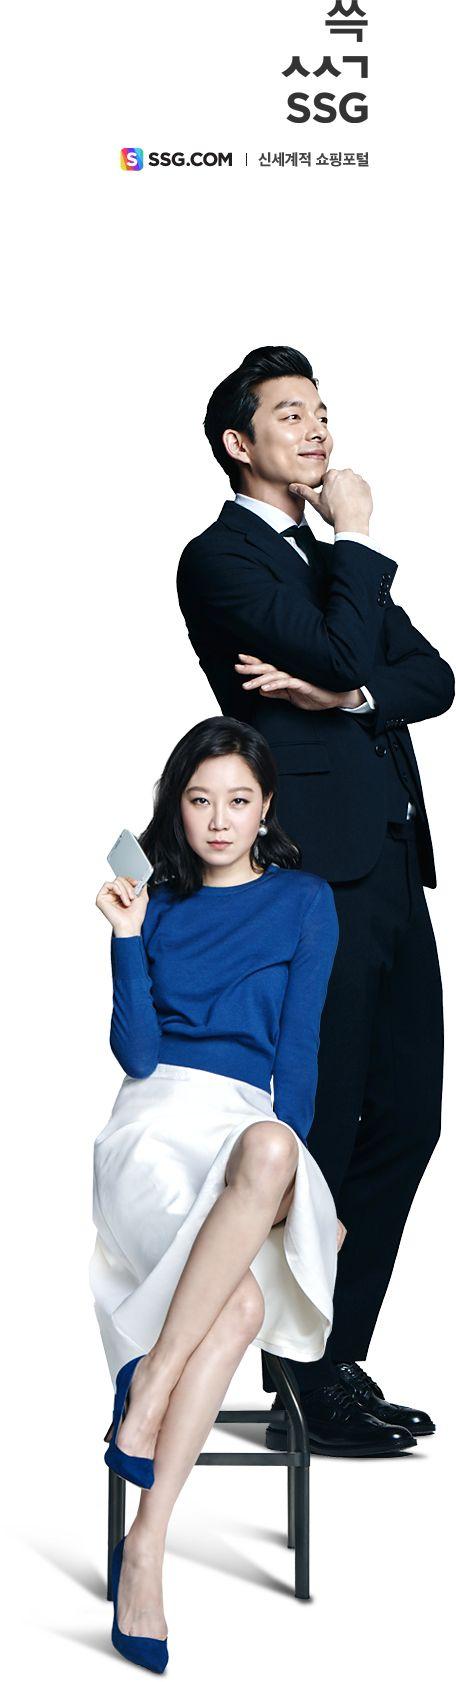 쓱 SSG.COM 신세계적 쇼핑포털 공효진&공유